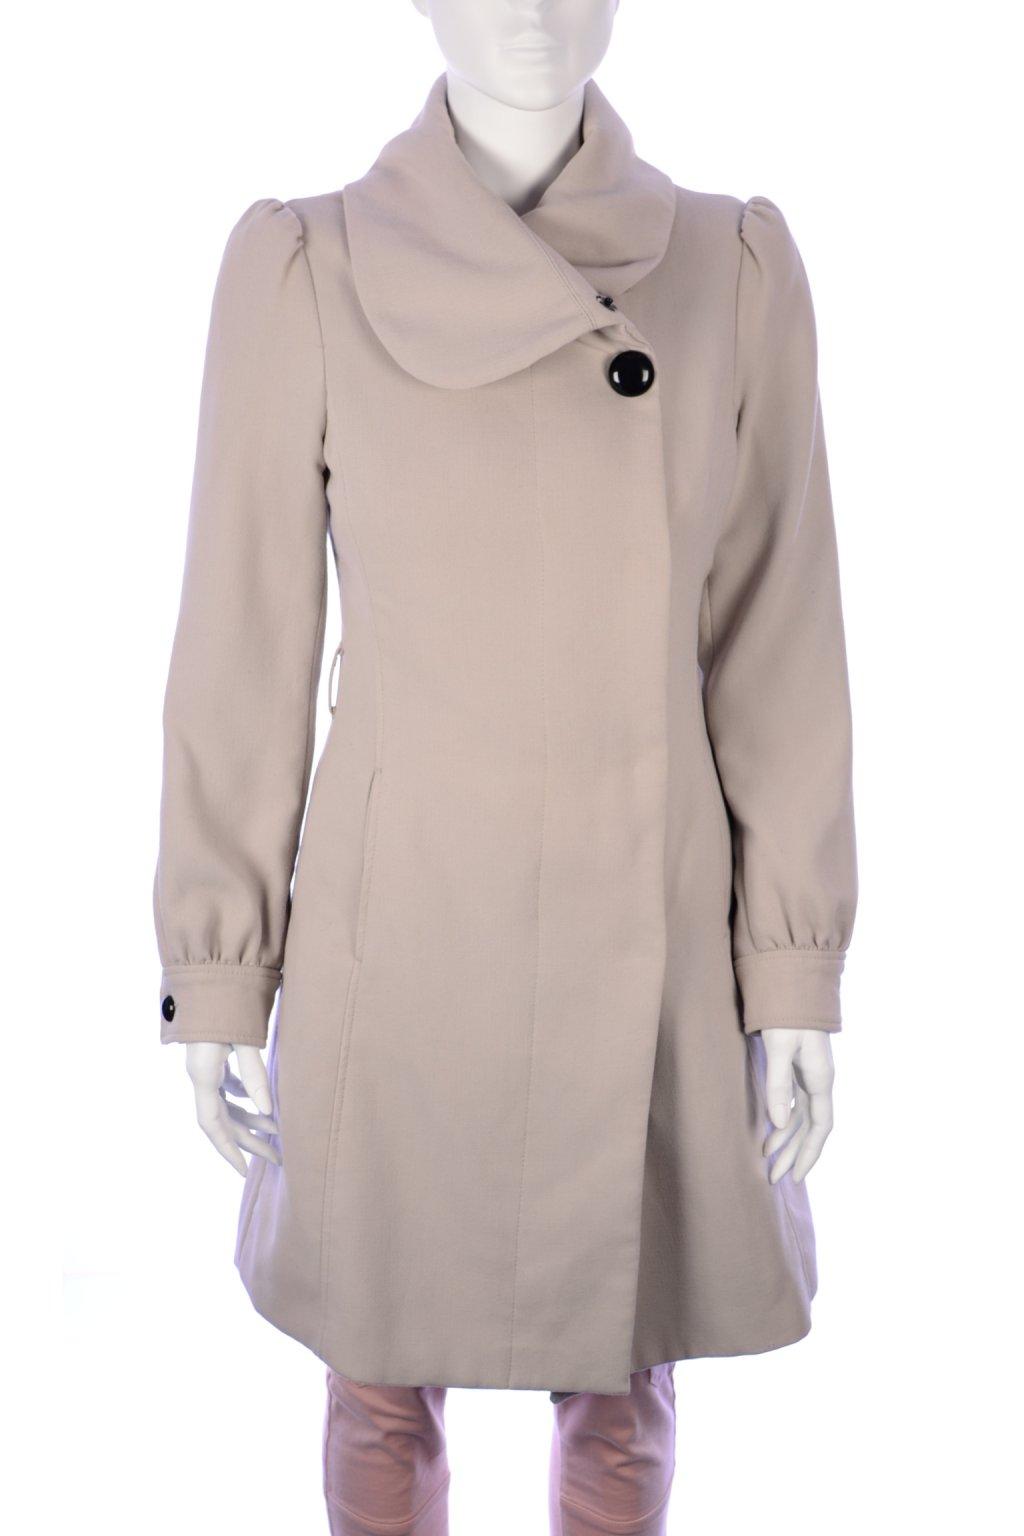 kabát světle šedý přechodní H&M vel. 36 / S